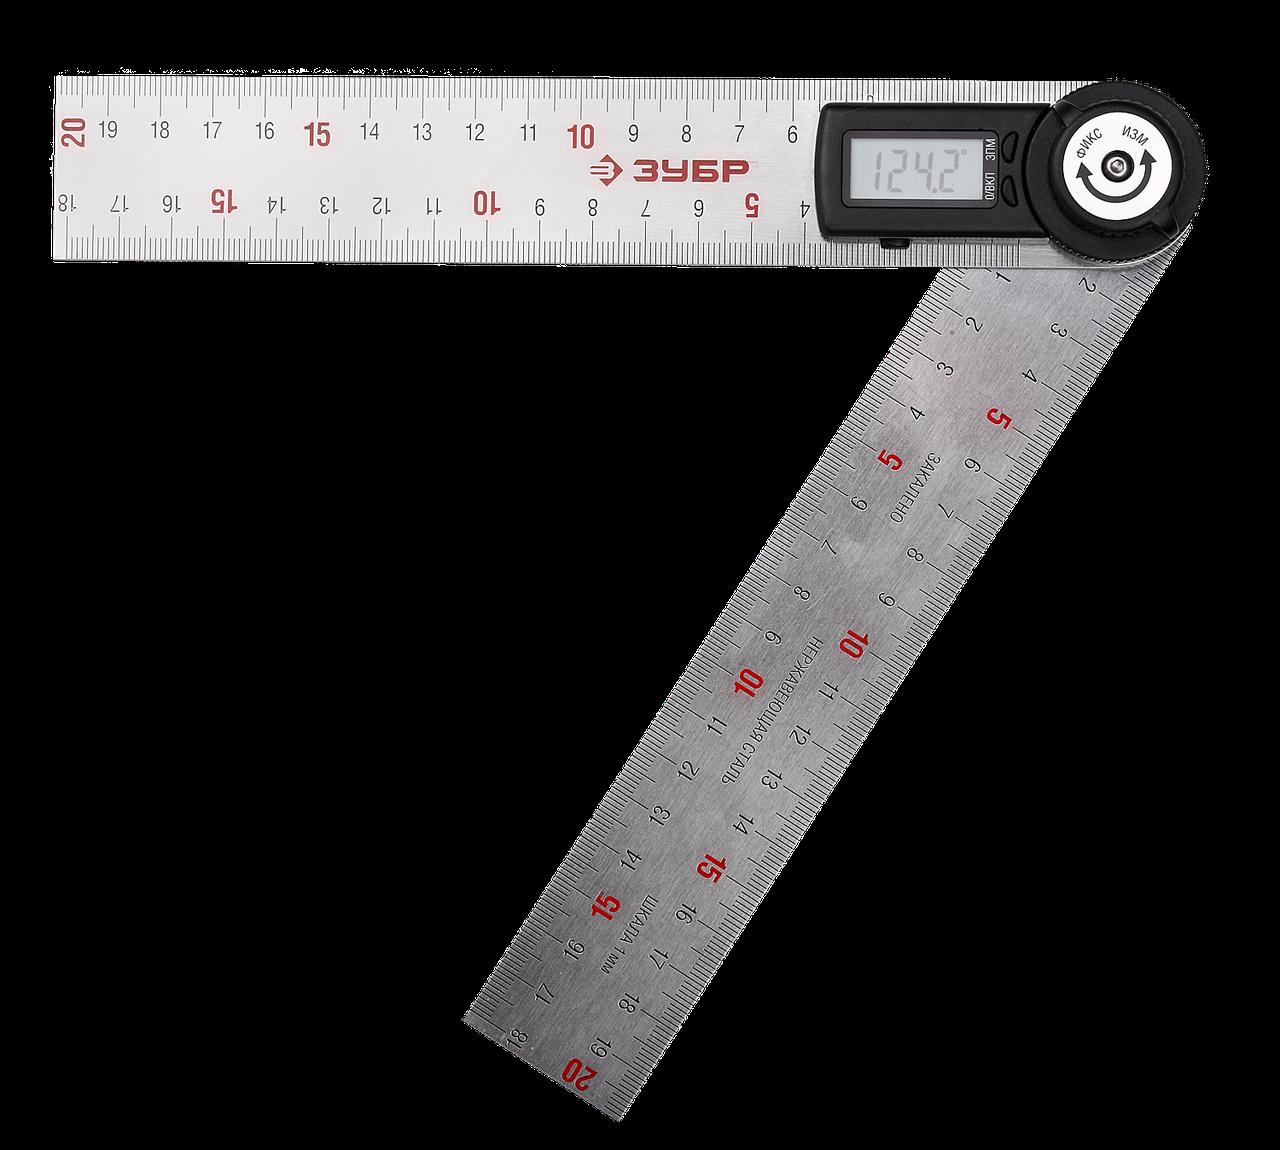 (34294) ТРУ-20 транспортир-угломер электронный, 200 мм, Диапазон 0-360°, Точность 0,3°, Фиксация угла, ЗУБР